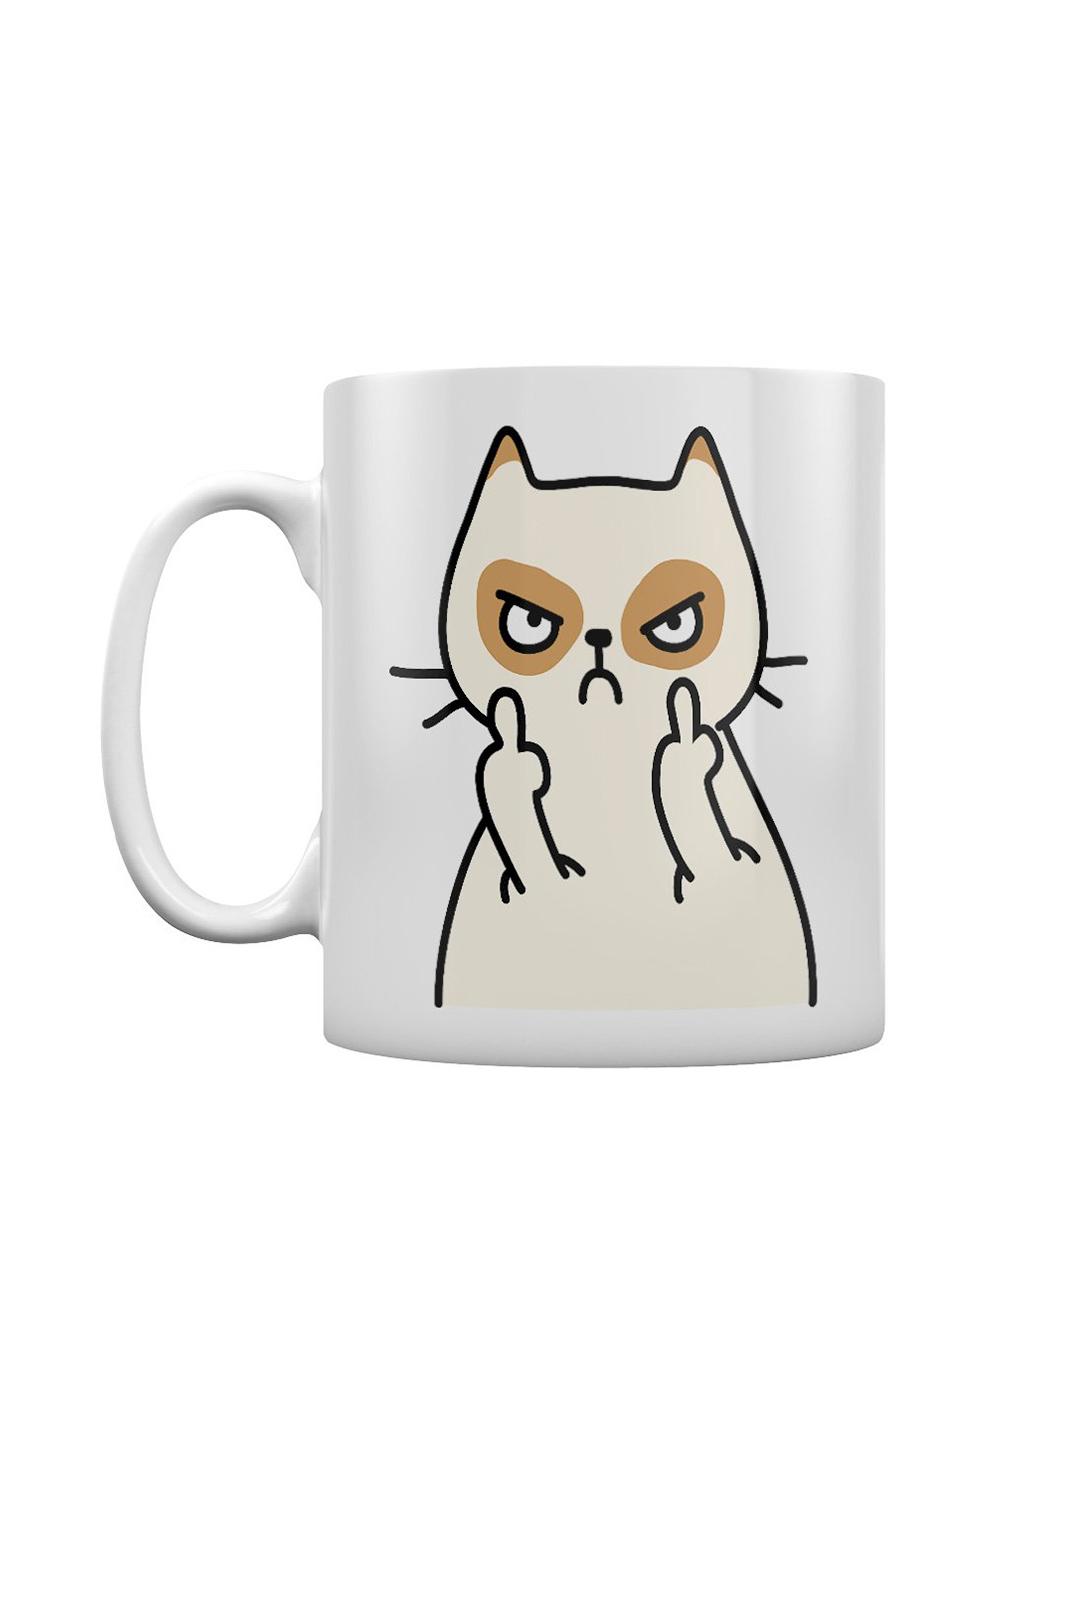 Mug Muther Fluffer